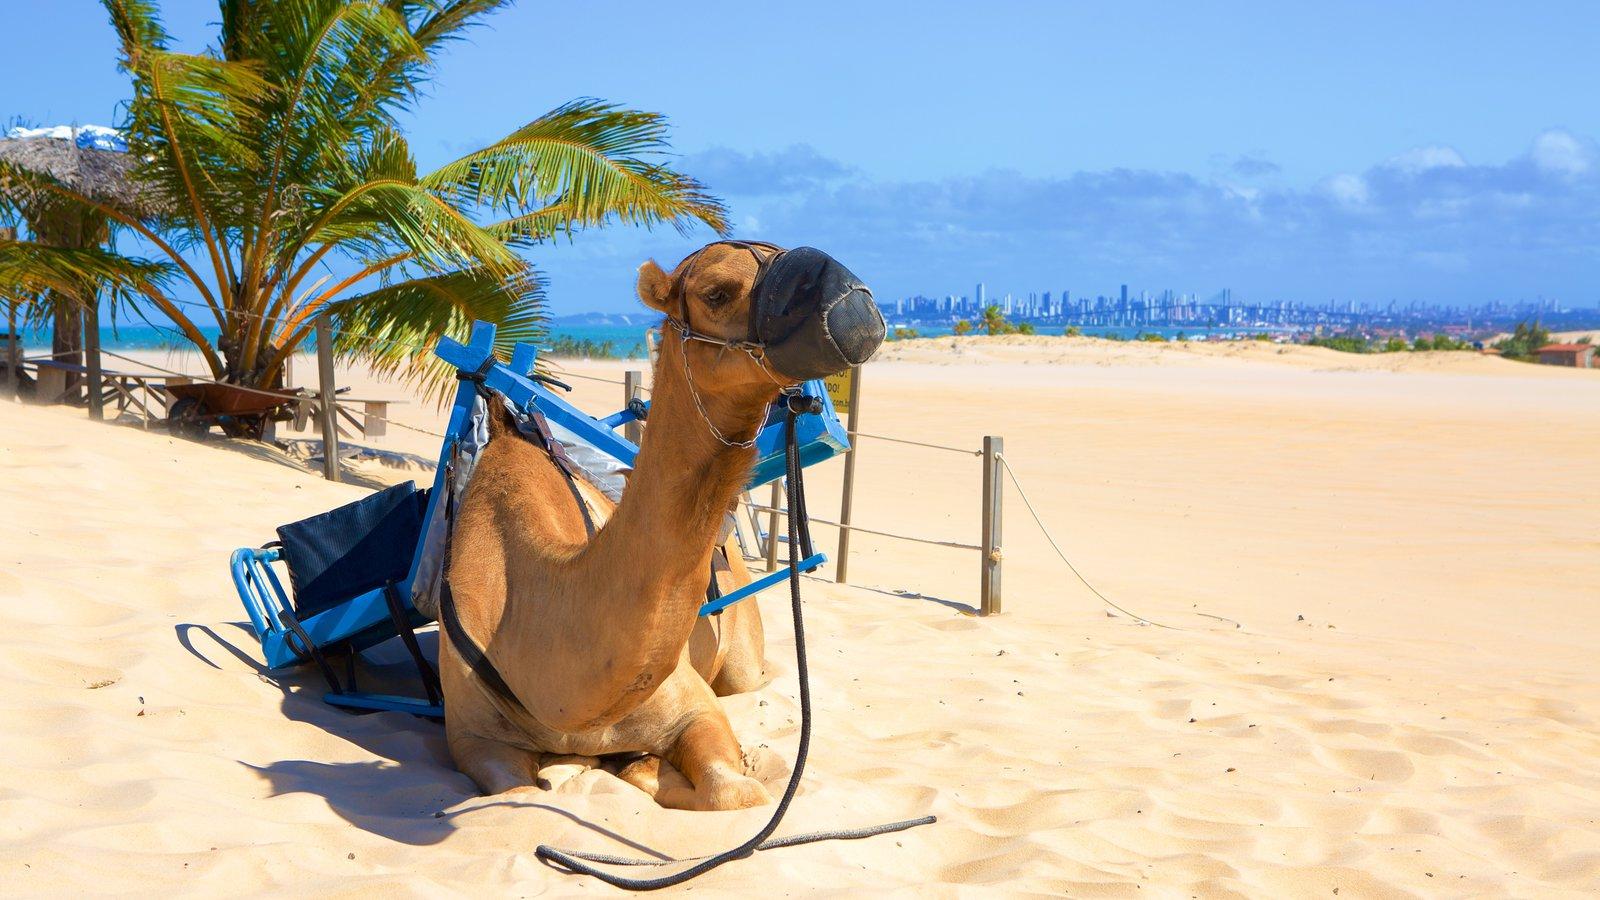 Praia de Genipabú caracterizando animais terrestres, paisagens litorâneas e uma praia de areia